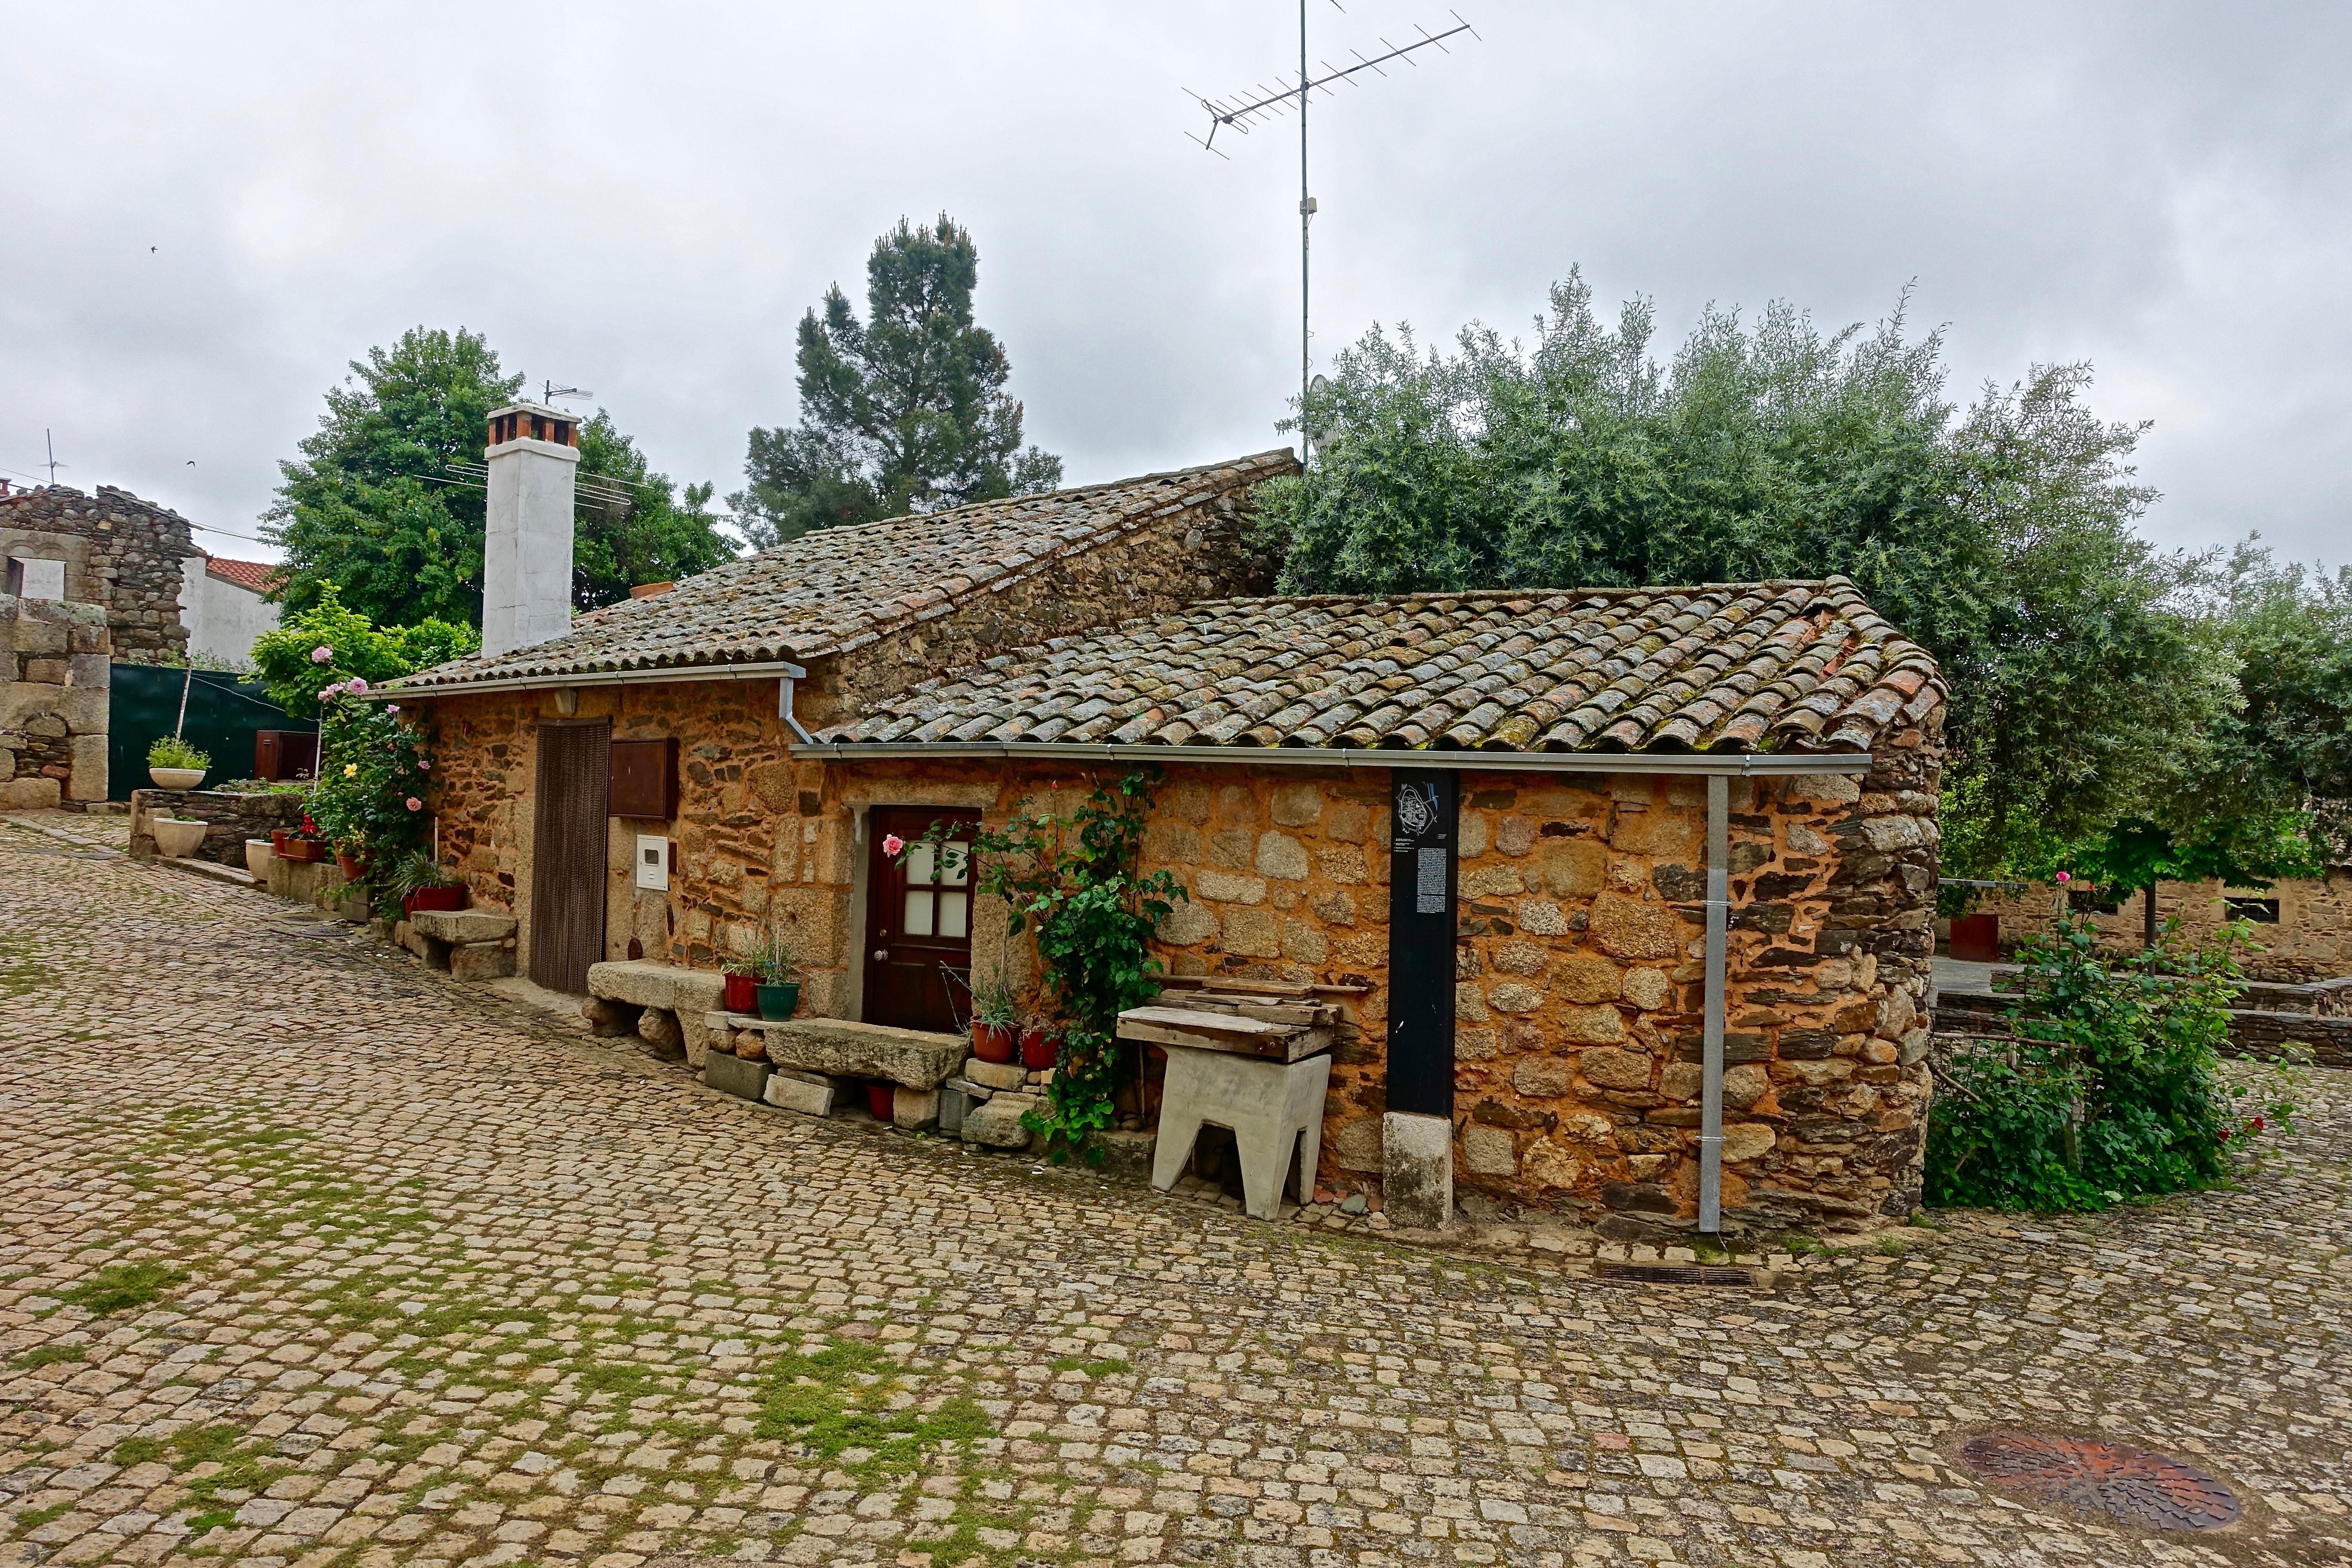 Casas de piedra y madera casamolino de madera piedra - Casas de piedra y madera ...